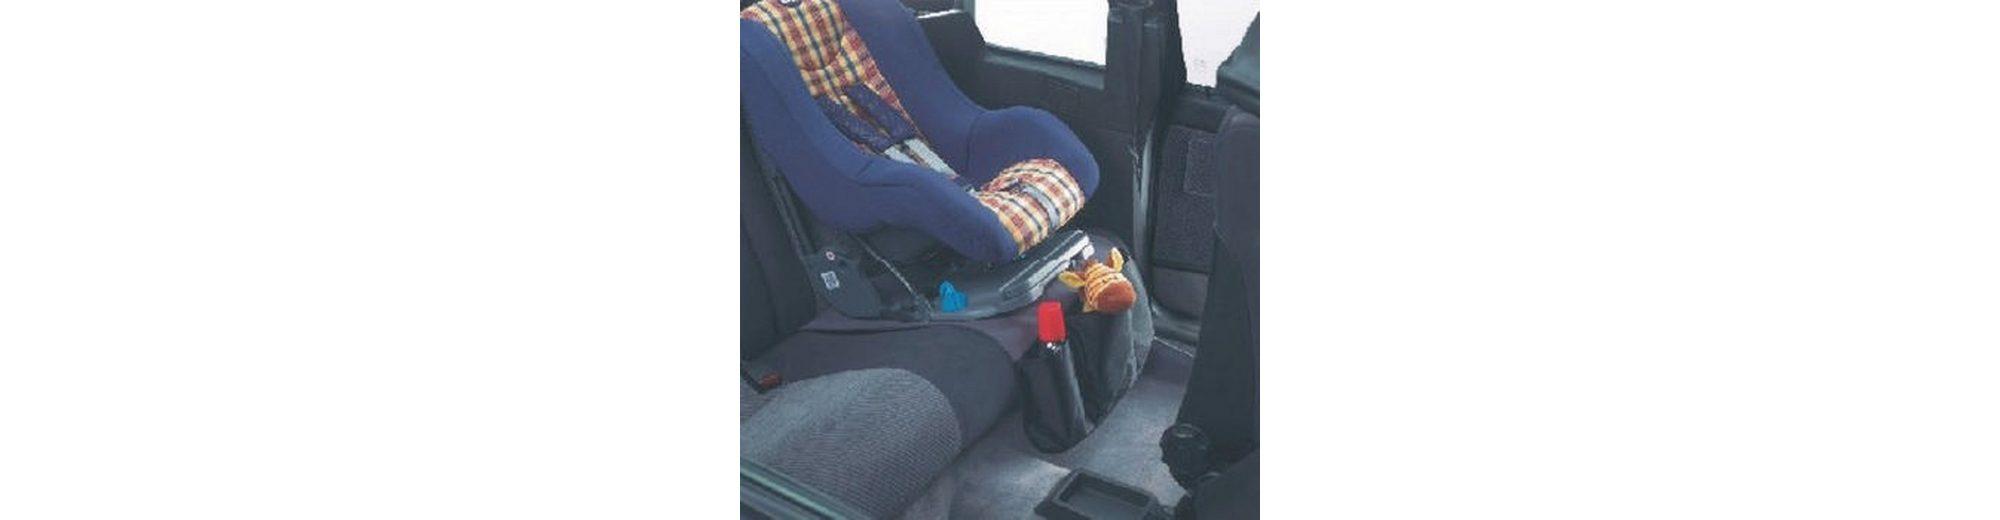 REER Schutzunterlage für Kindersitze